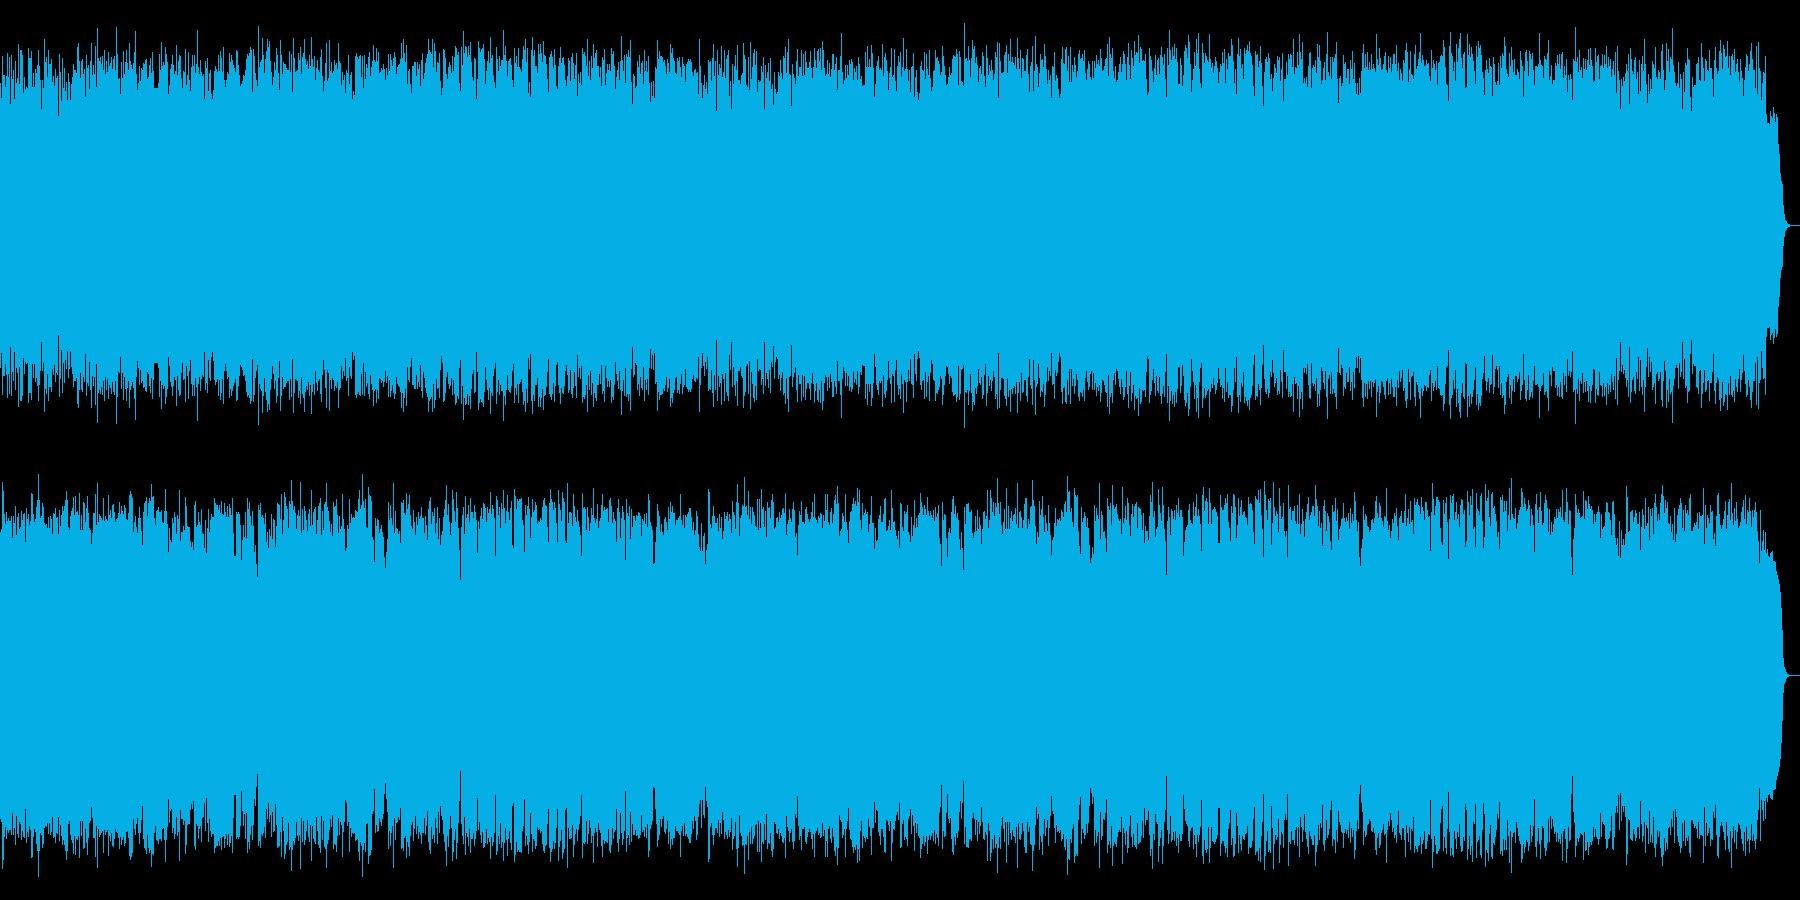 トロンボーンが奏でる古風な哀愁歌謡の再生済みの波形